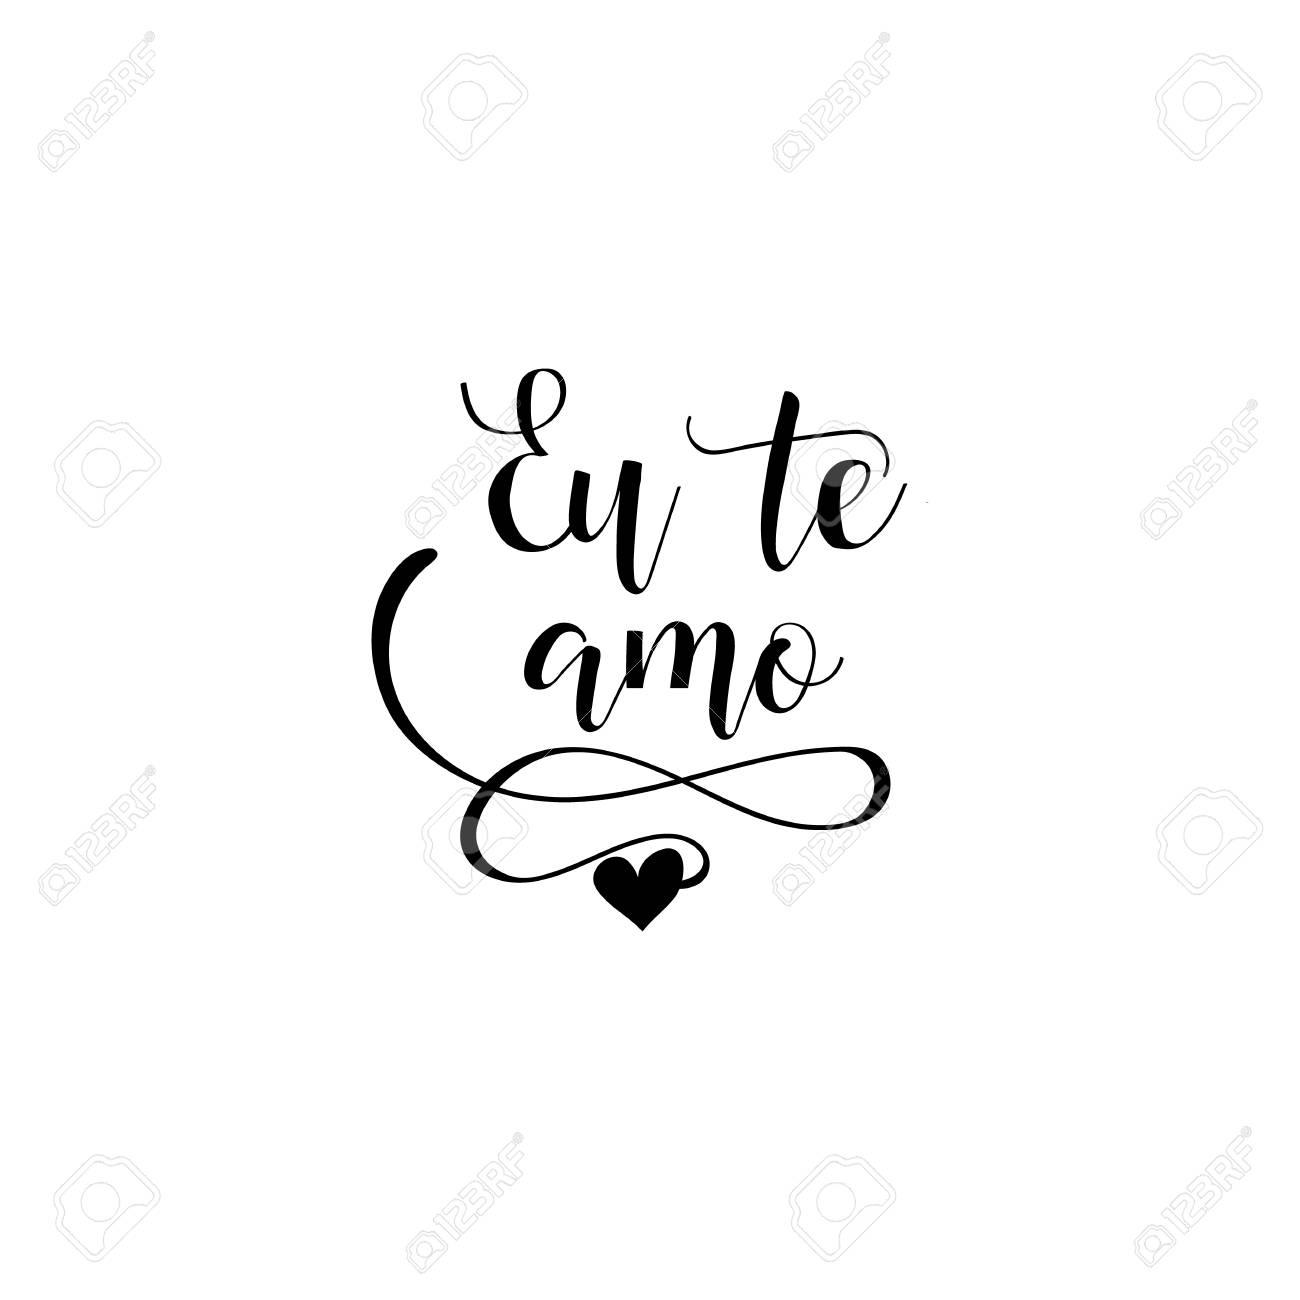 Eu Te Amo Letras Tradução Em Português Eu Te Amo Frase Para O Dia Dos Namorados Isolado No Fundo Branco